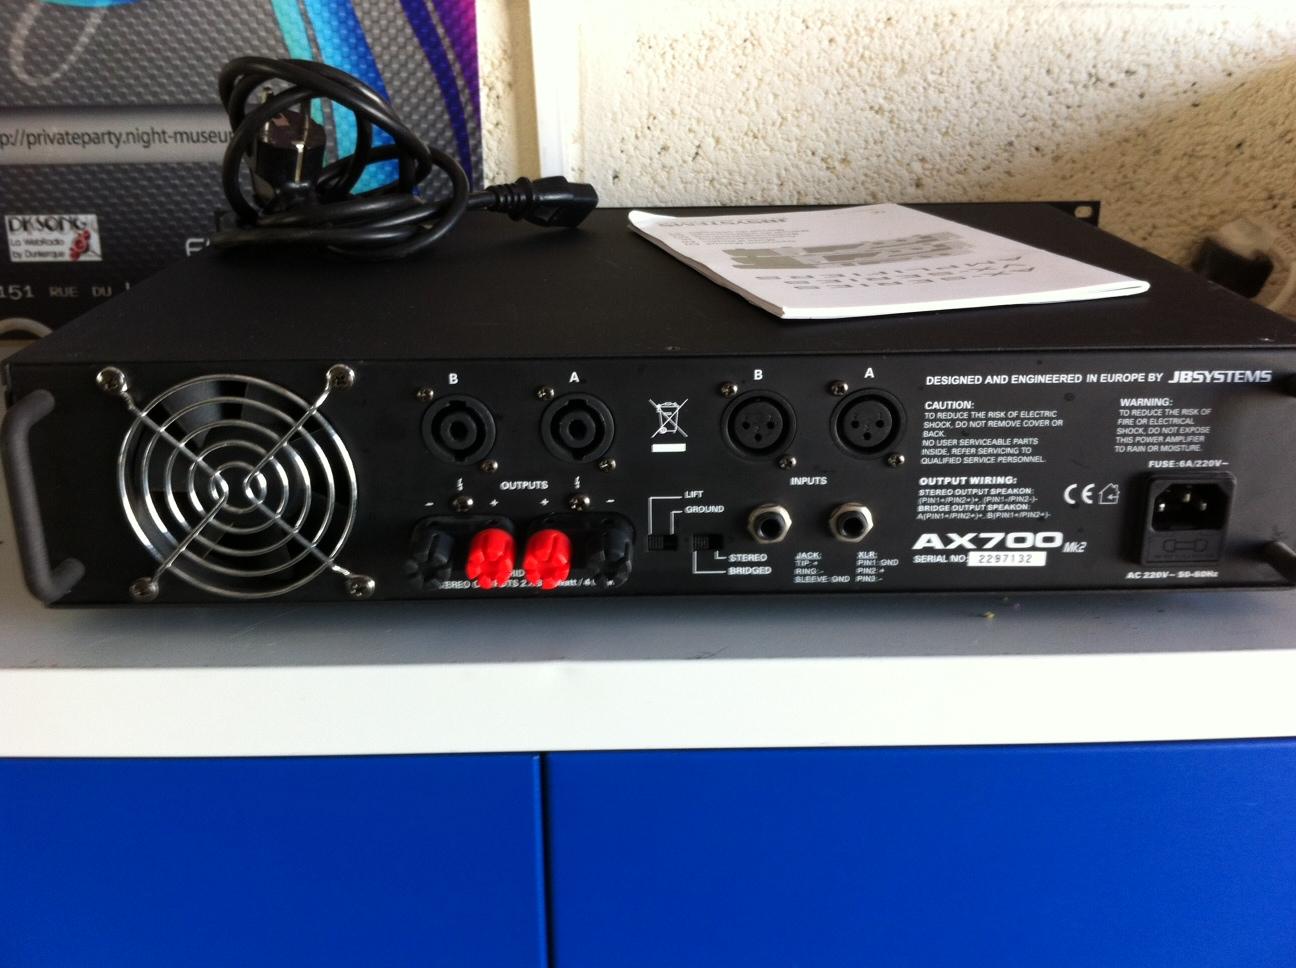 ampli sono jb systems vx 700